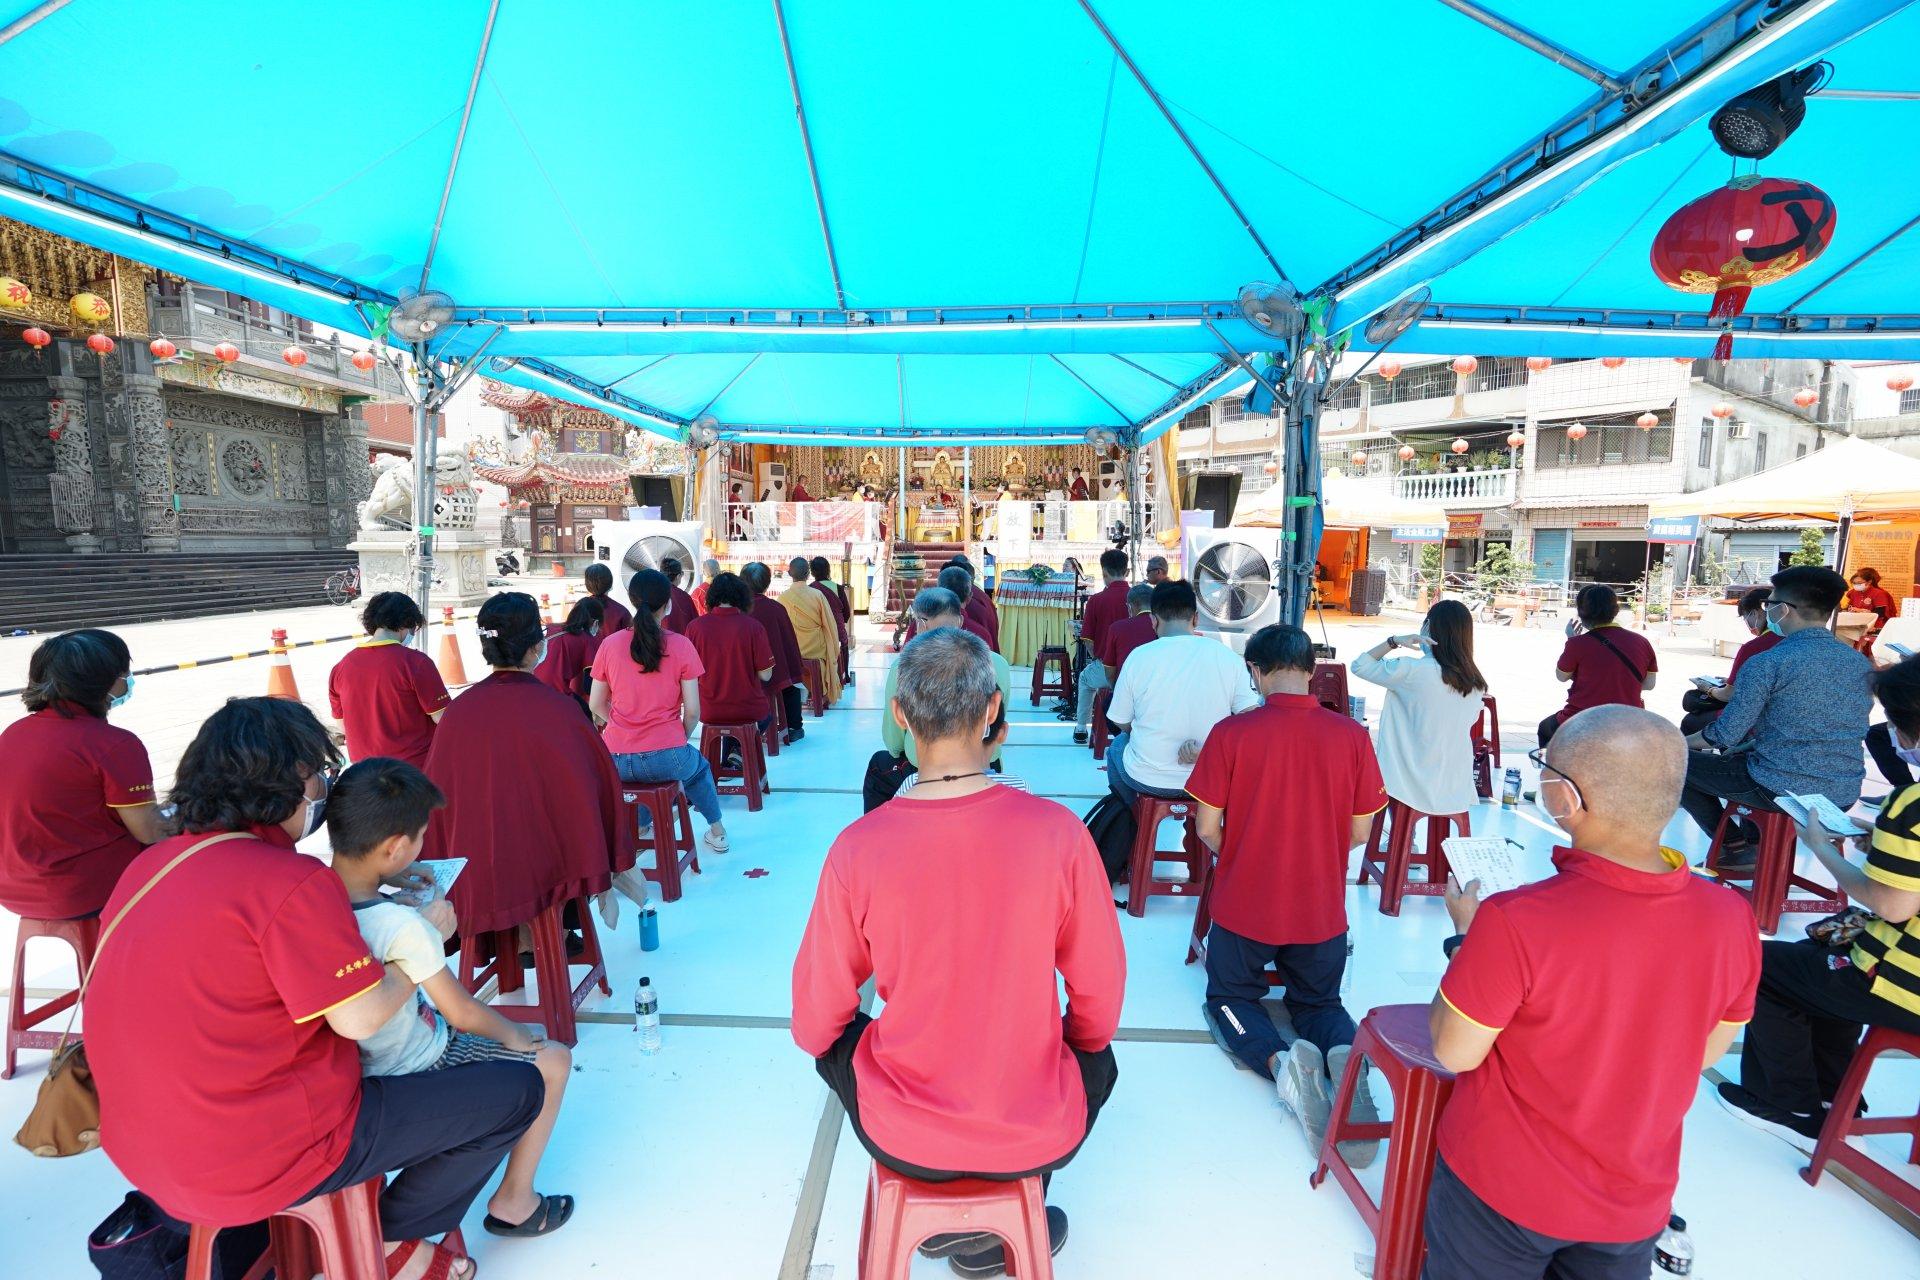 行動佛殿132站駐錫高雄楠梓援中港代天府,一連四天舉辦誦經祈福法會